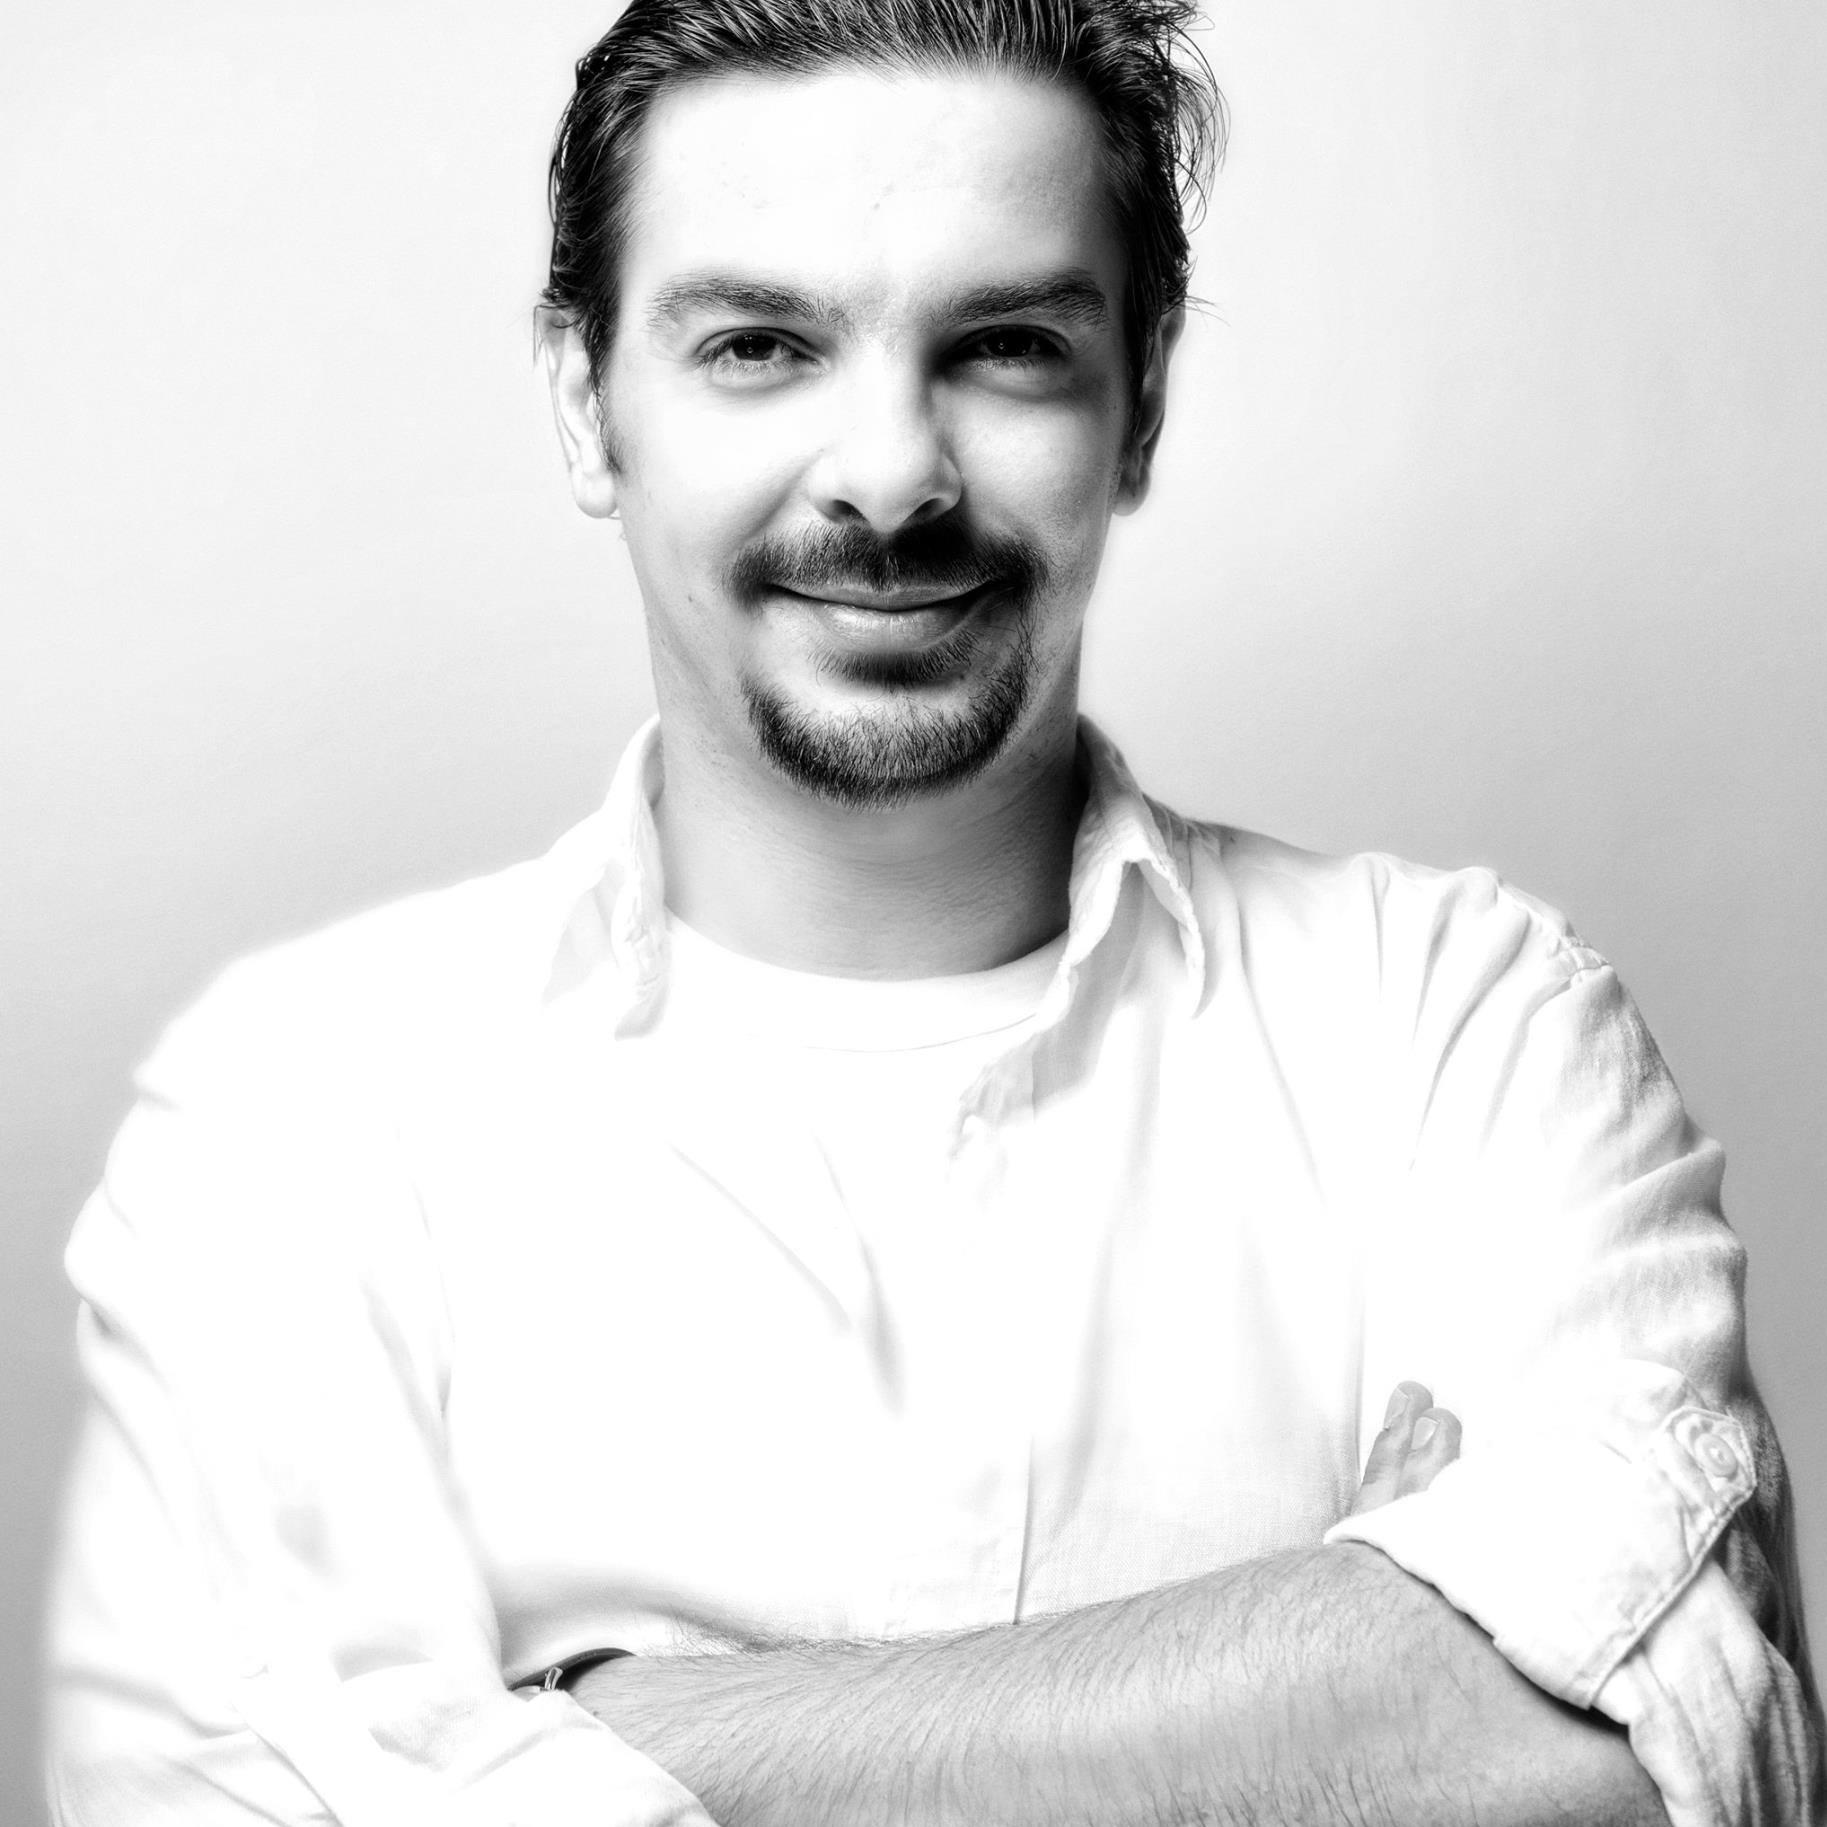 Marius Pellegrini